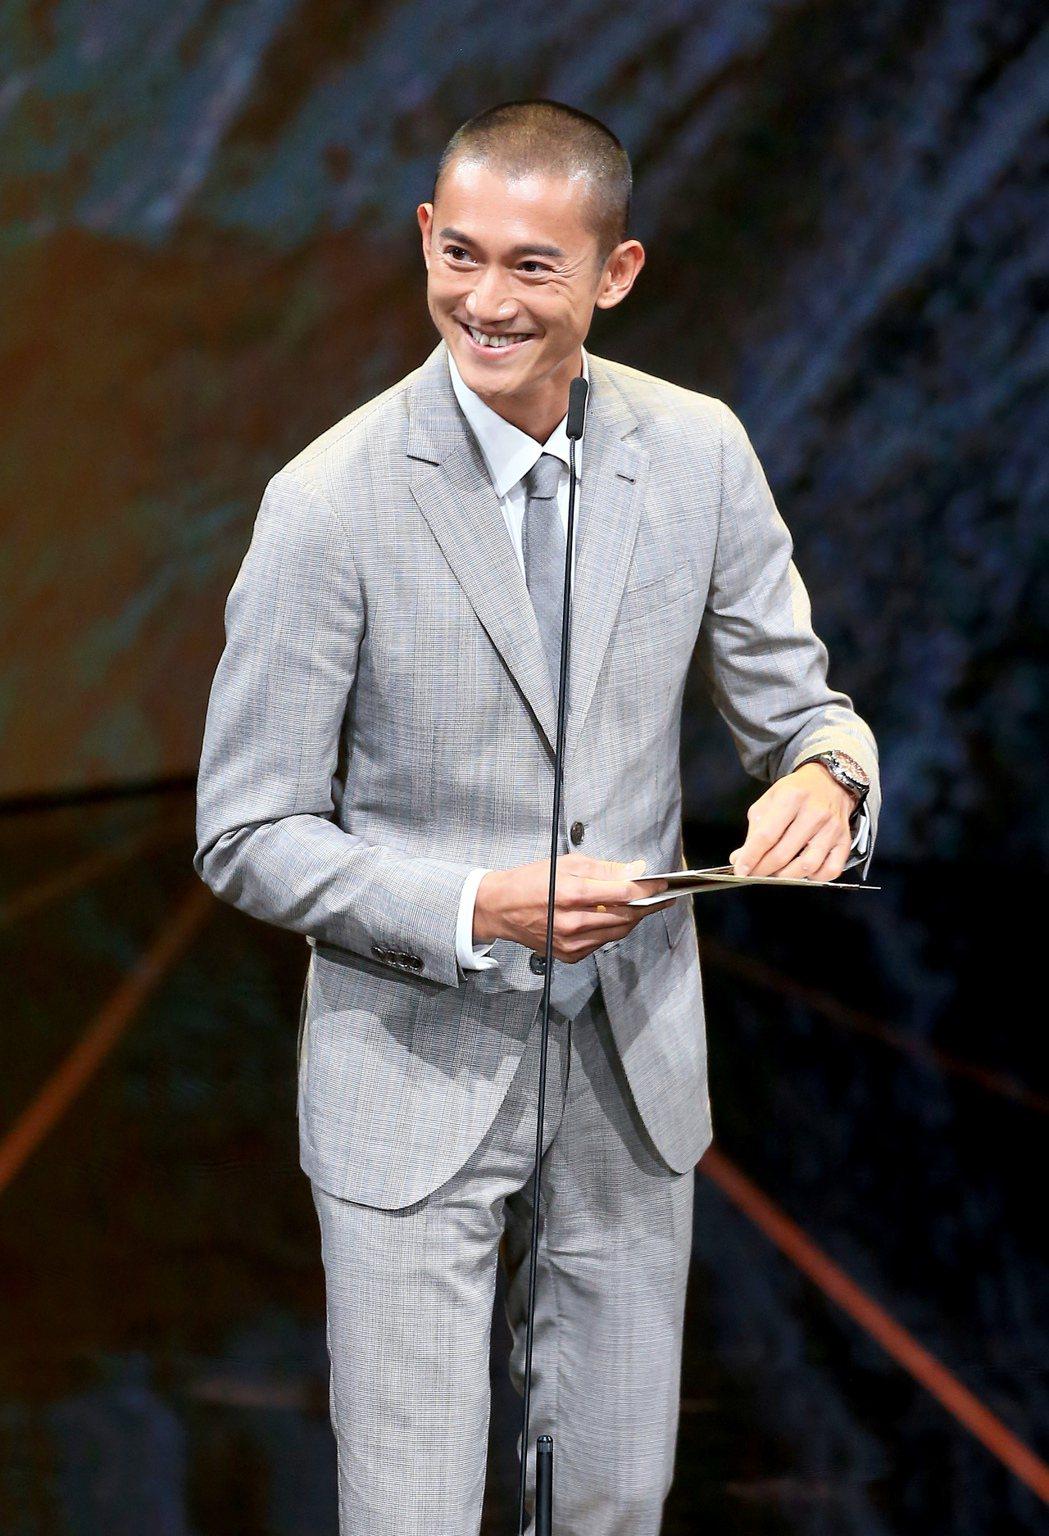 第56屆金馬獎頒獎典禮,吳慷仁頒發最佳剪輯獎與最佳動作設計獎。記者林伯東/攝影